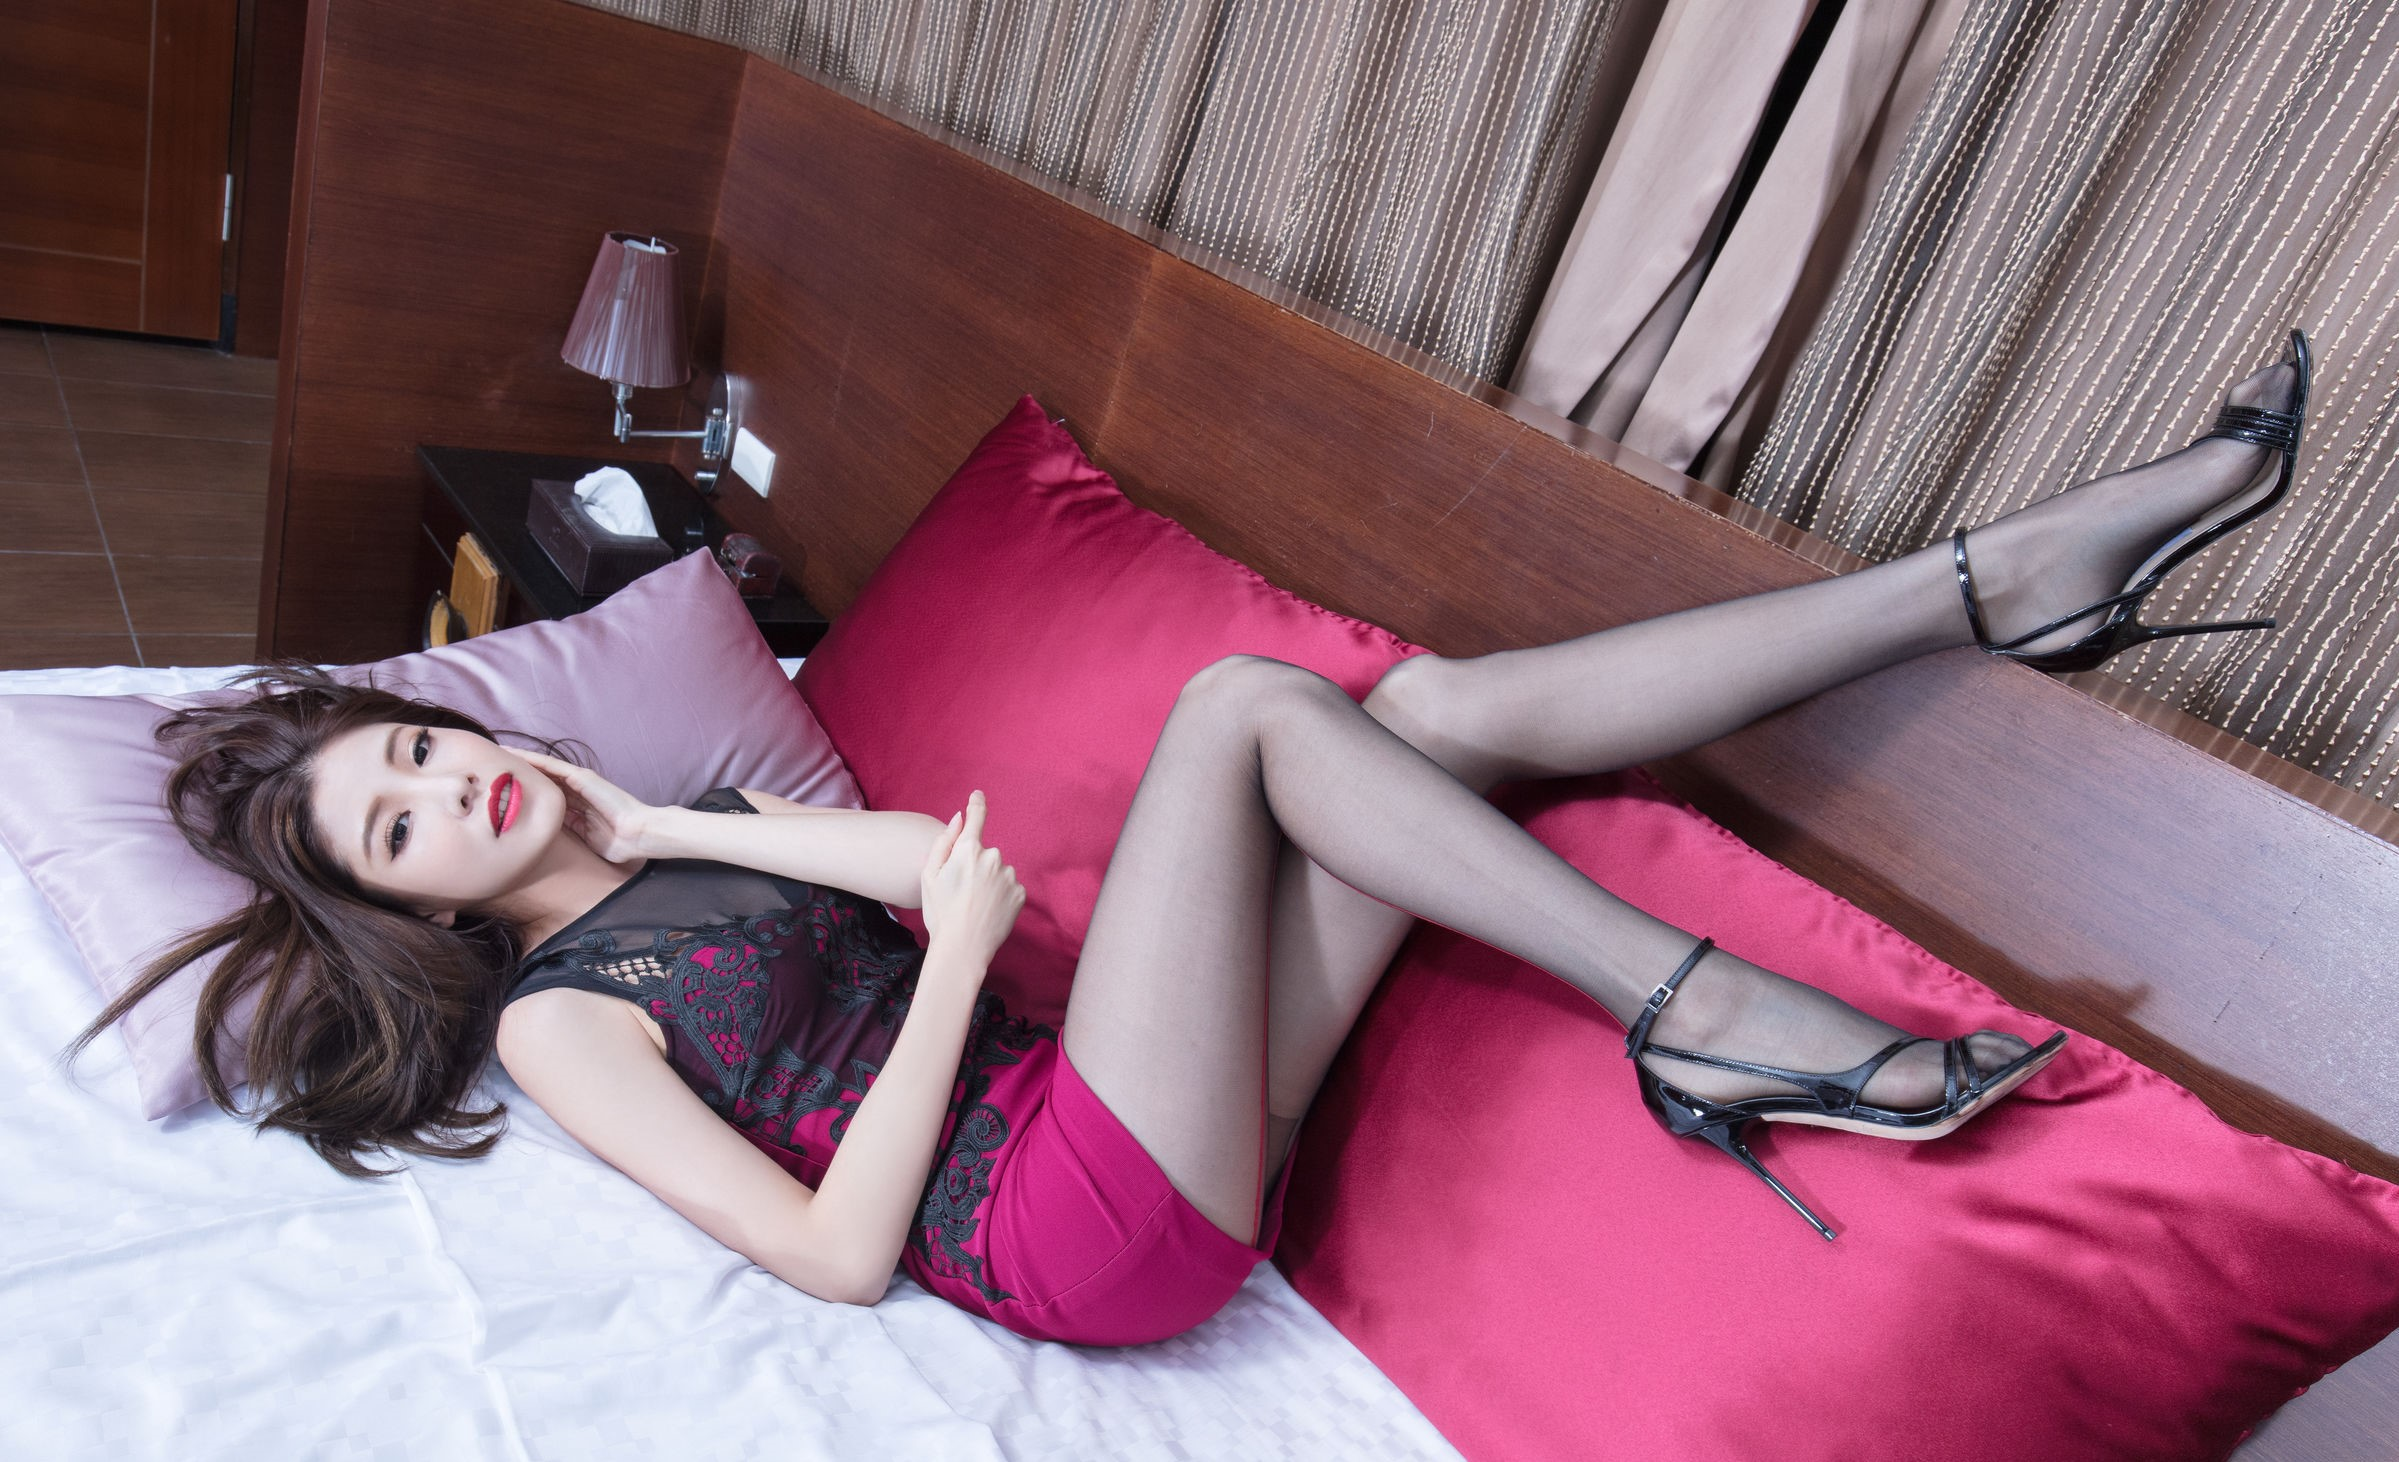 ドレスを着た美女の黒パンスト足 17